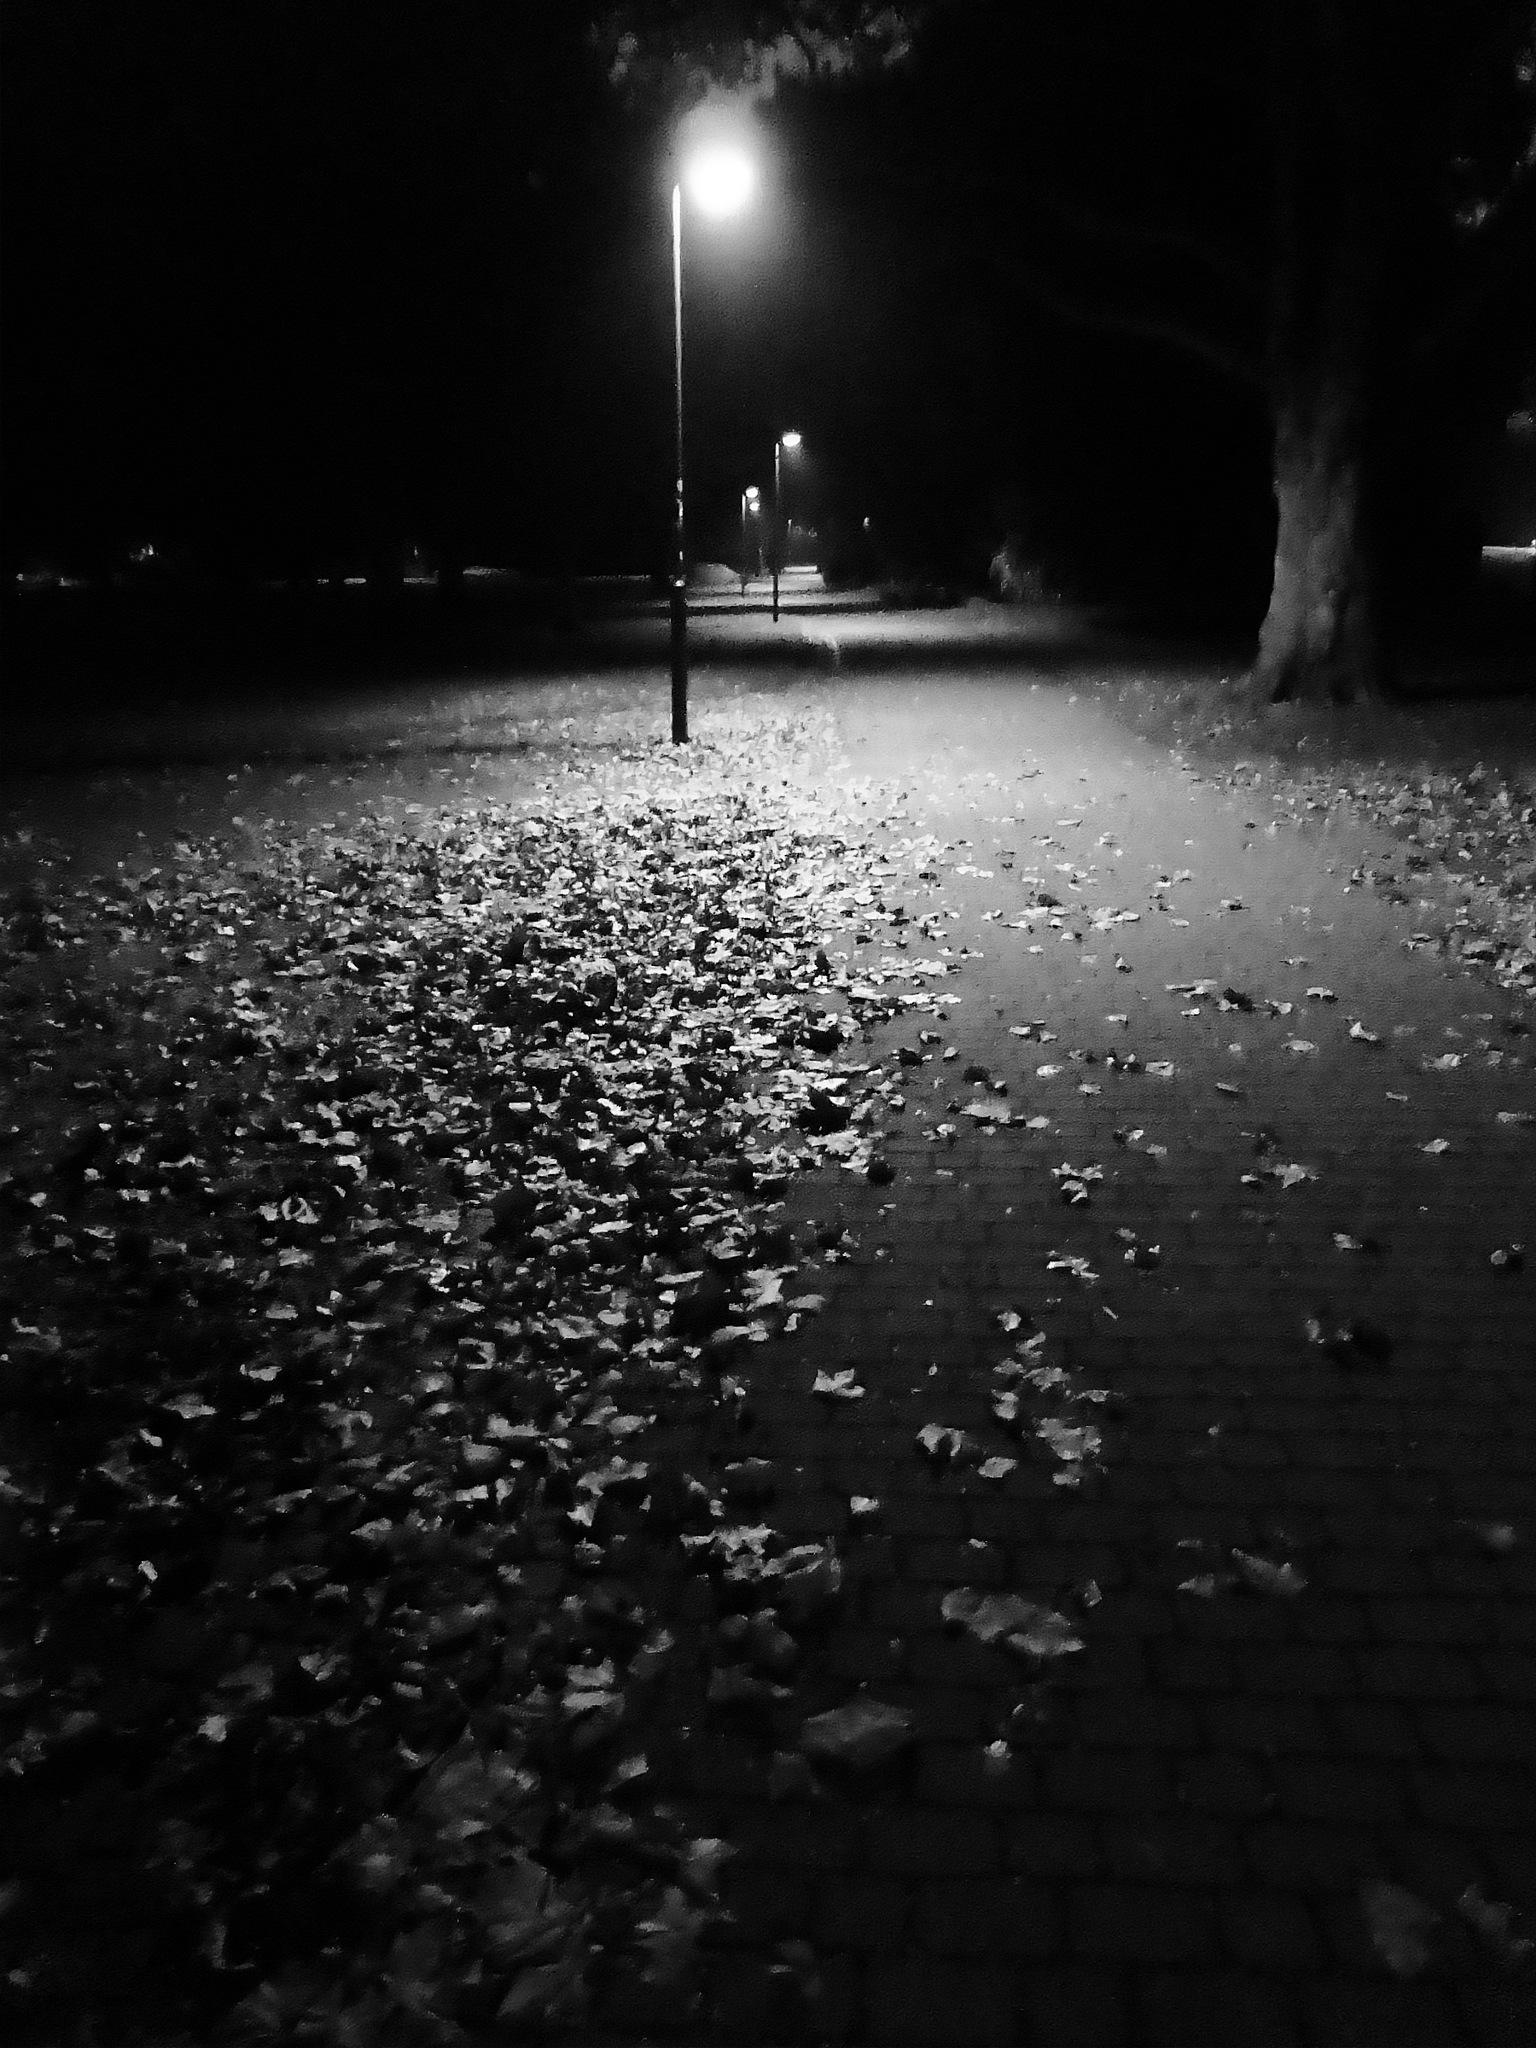 Autumn night by Gernot Schwarz